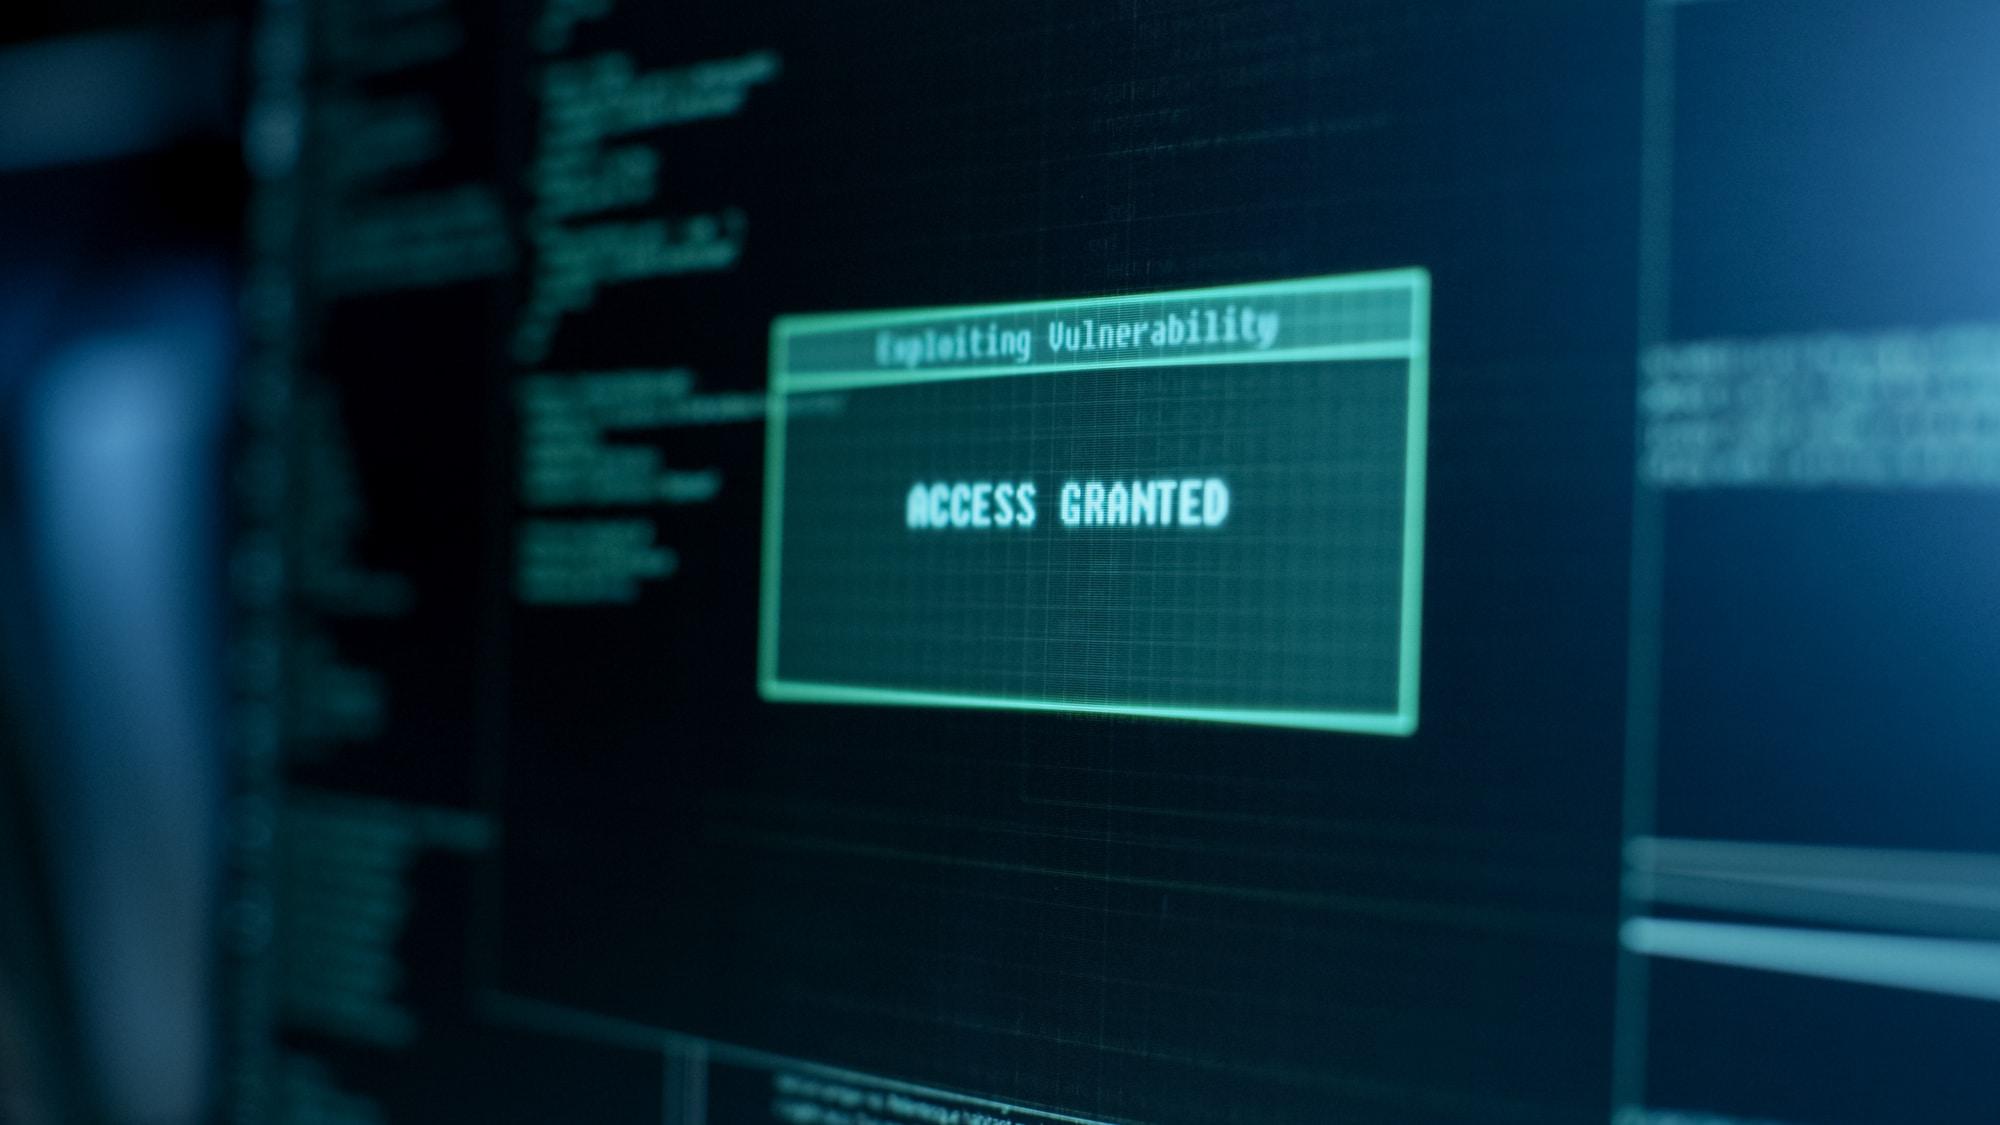 Attacco hacker: rubati almeno 611 milioni di dollari con un massiccio hack cross-chain thumbnail